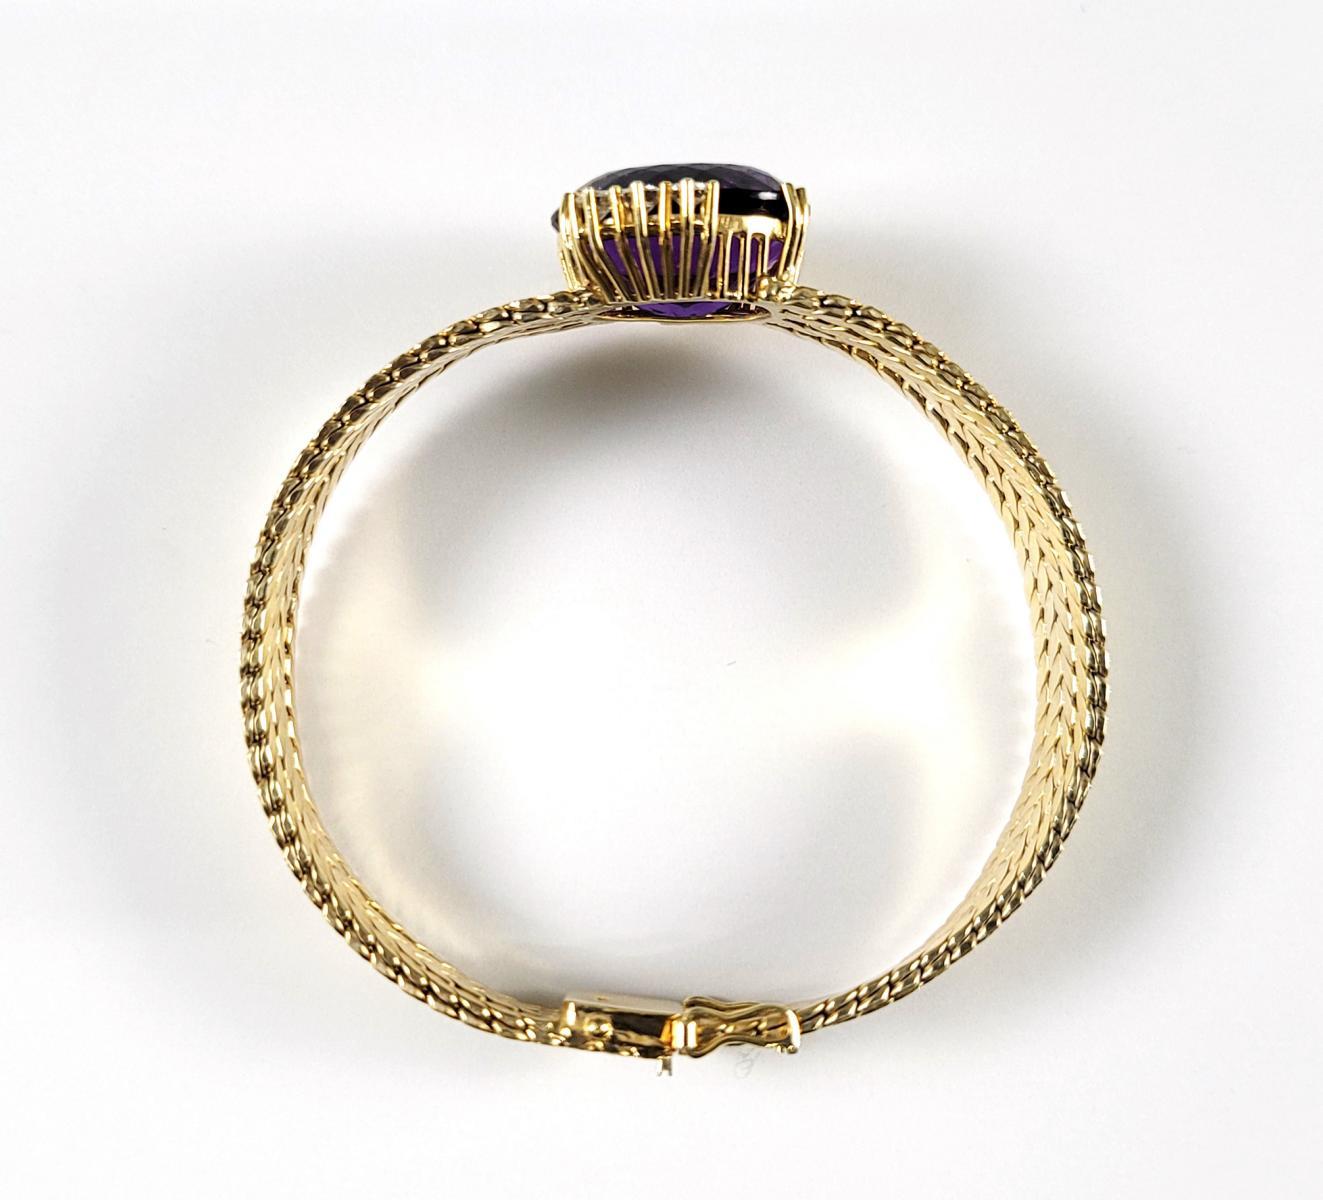 Damenarmband mit großem, facettierten Amethyst und Diamanten, 14 Karat Gelbgold-4